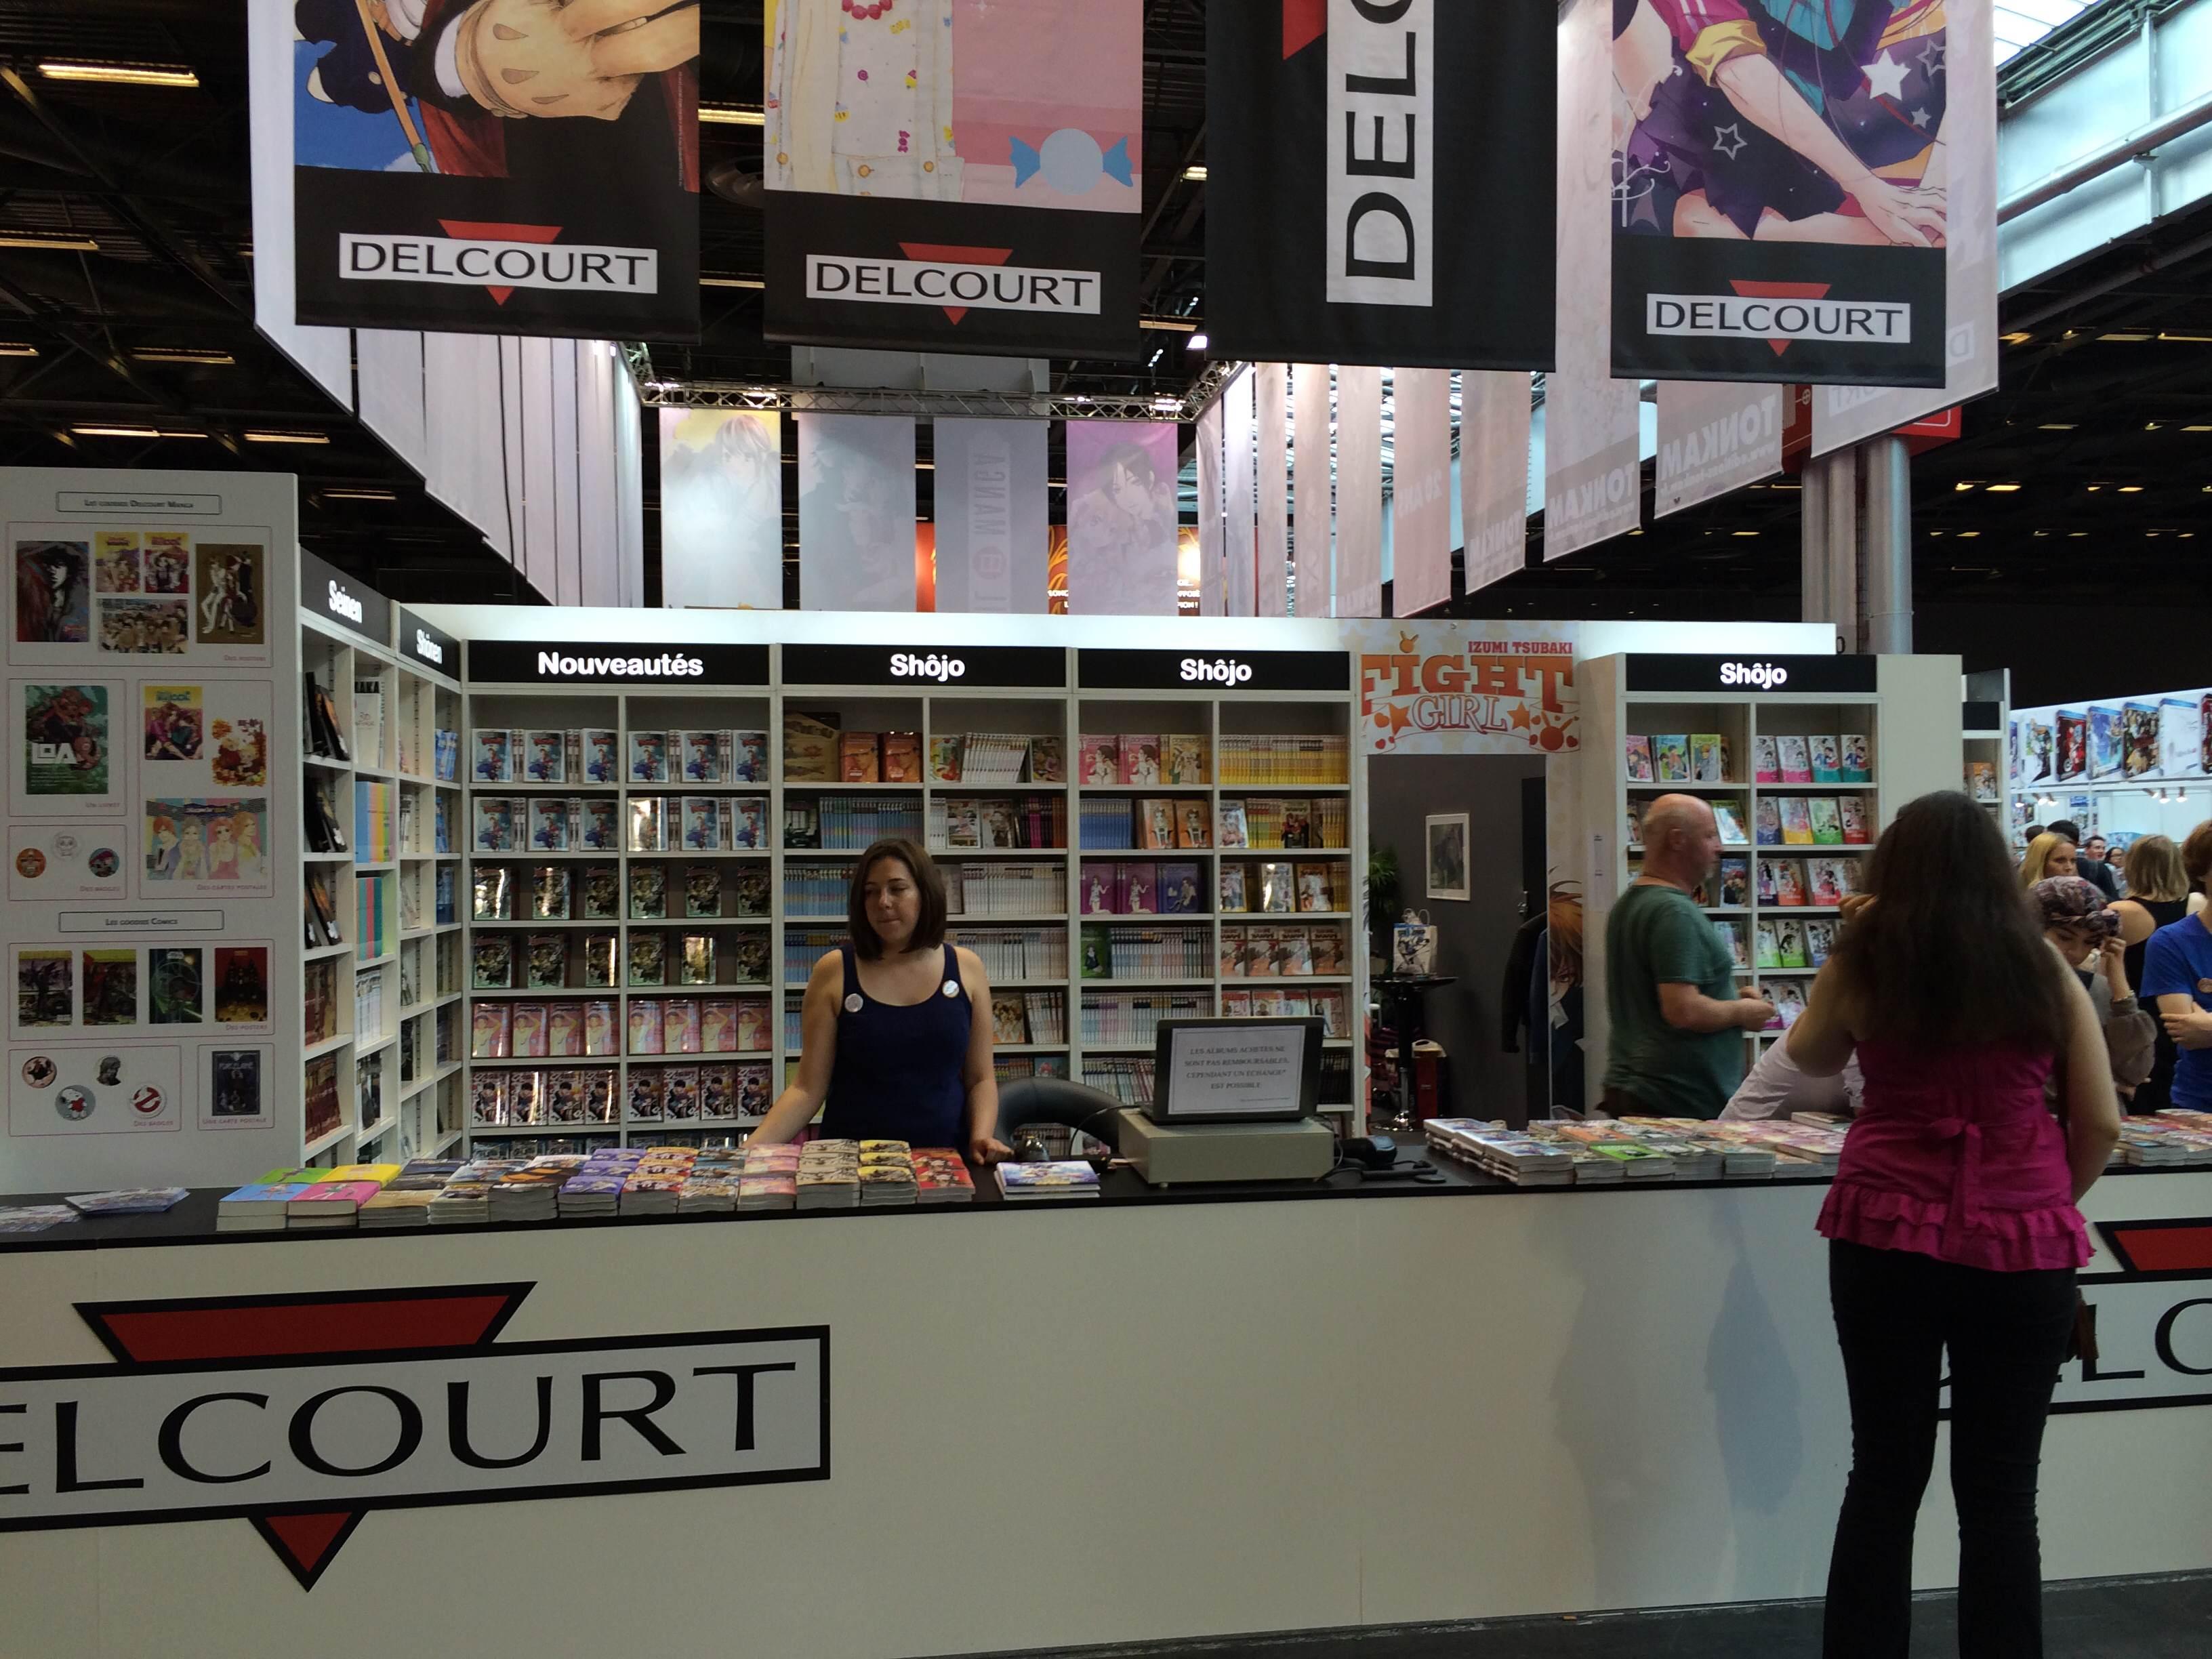 Japan Expo Les Stands : Japan expo accueille les mangakas auteurs d urban rivals